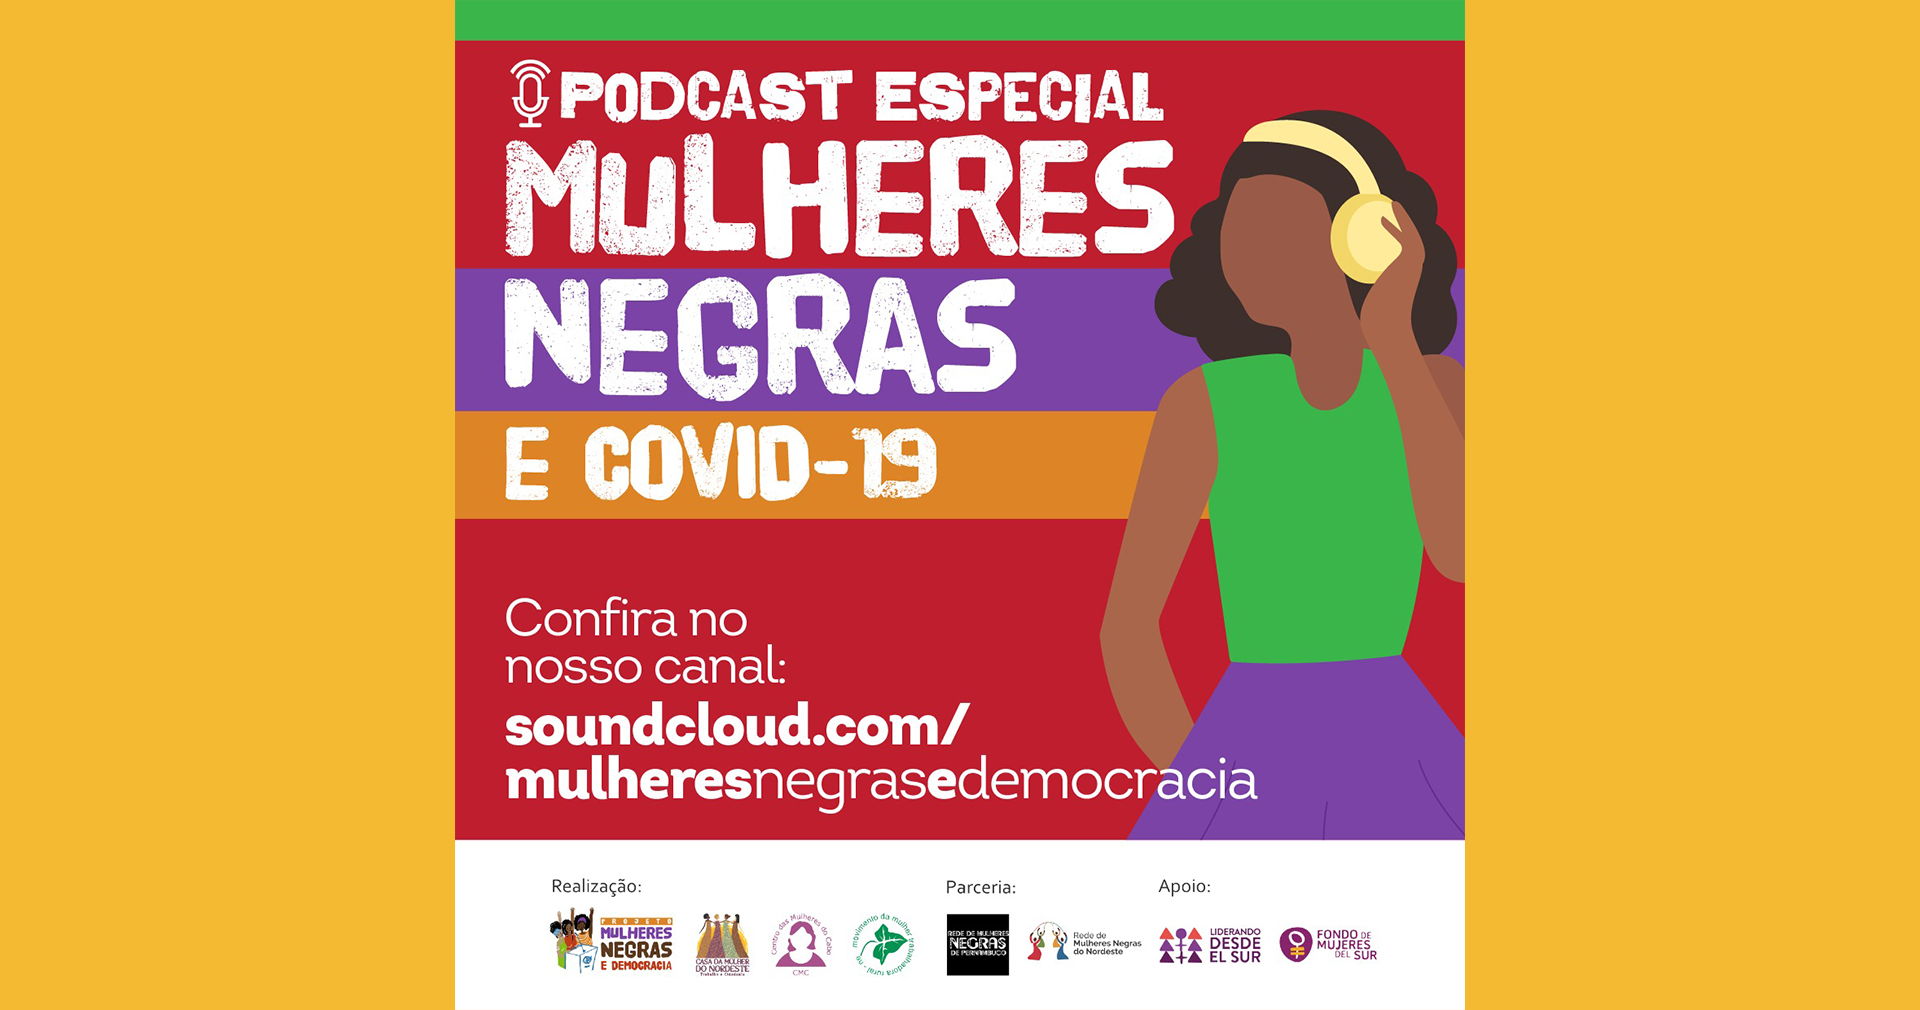 [PODCAST] Especial Mulheres Negras e Covid-19